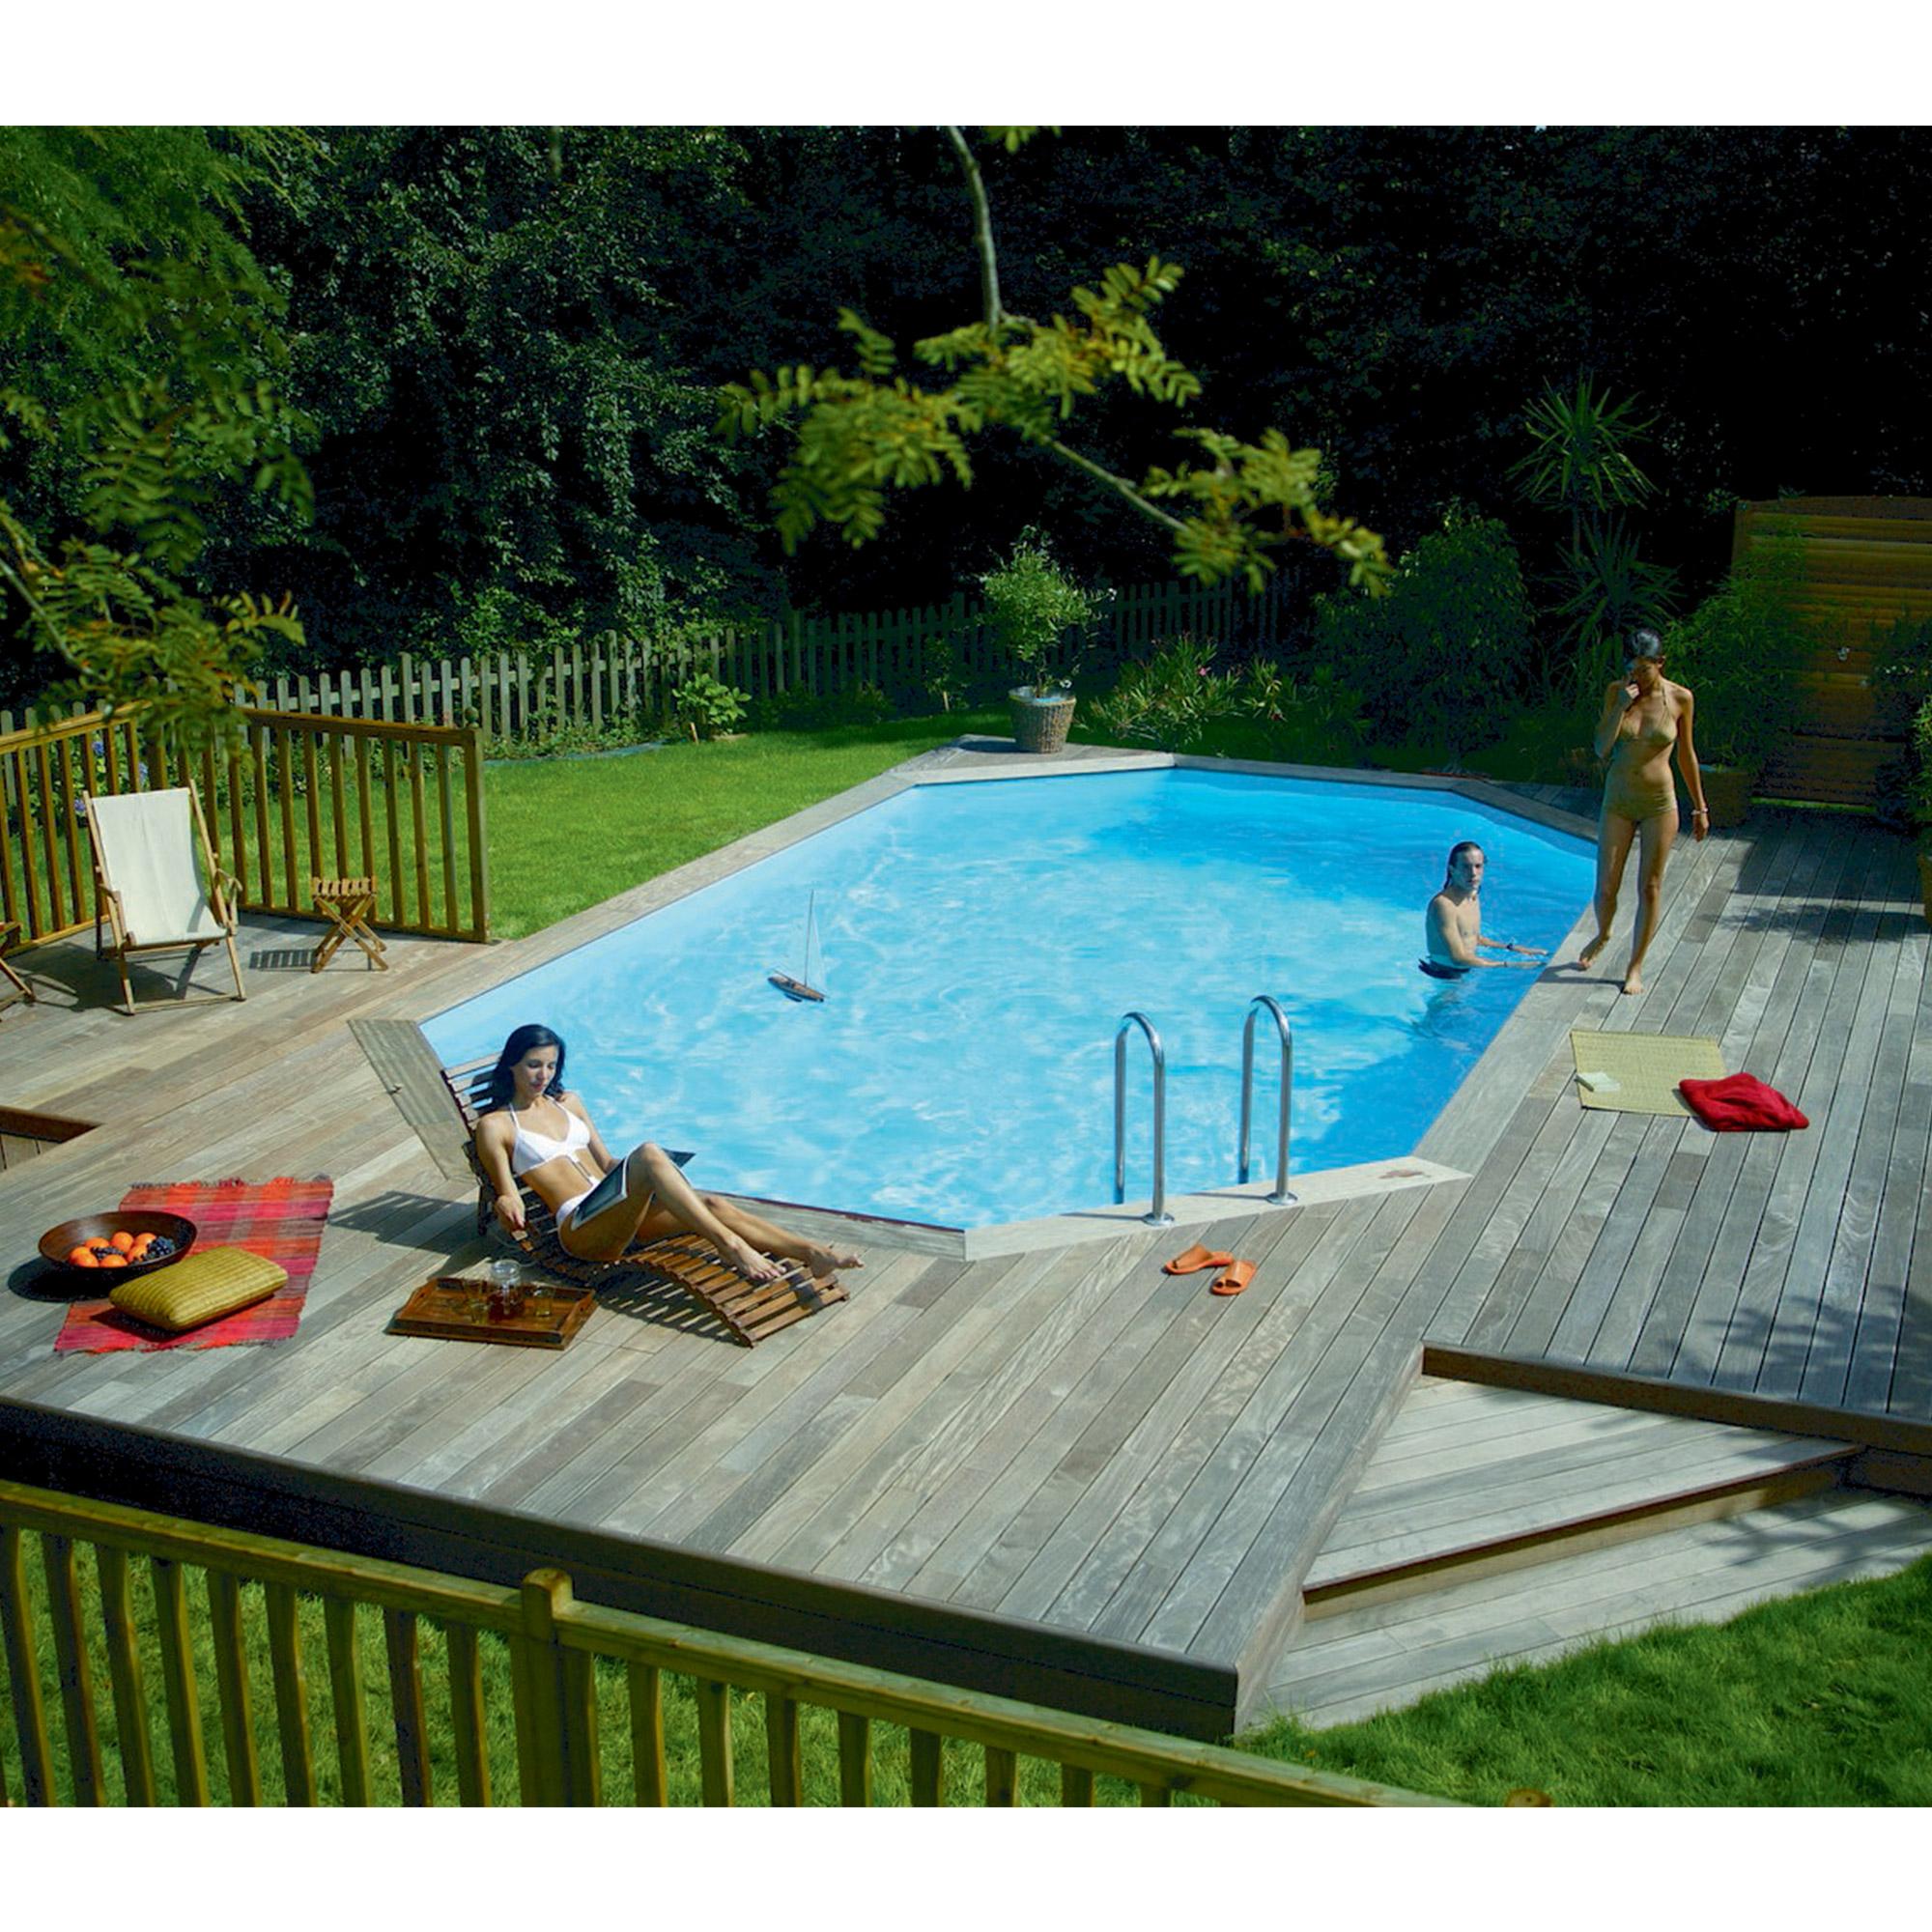 Piscine bois octogonale allong e hors sol semi enterr e - Hivernage piscine bois semi enterree ...